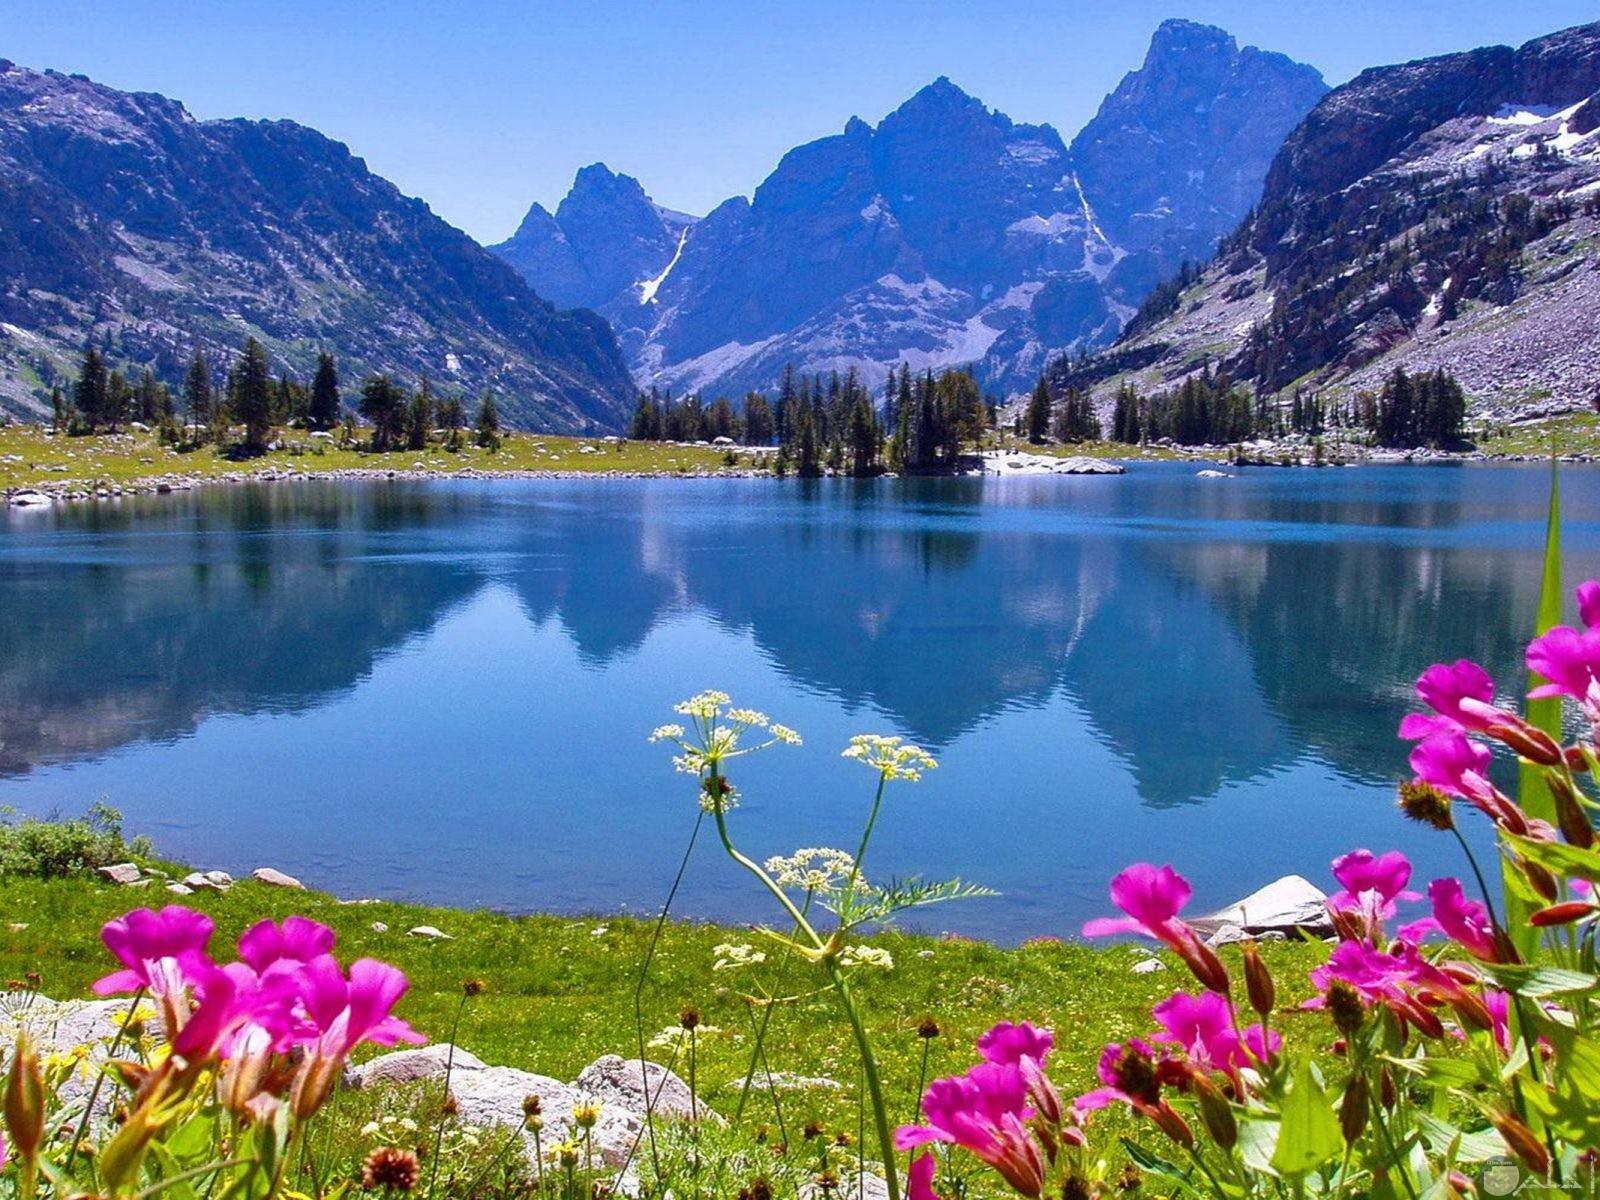 منظر طبيعي جميل للجبال و النهر و الخضرة.